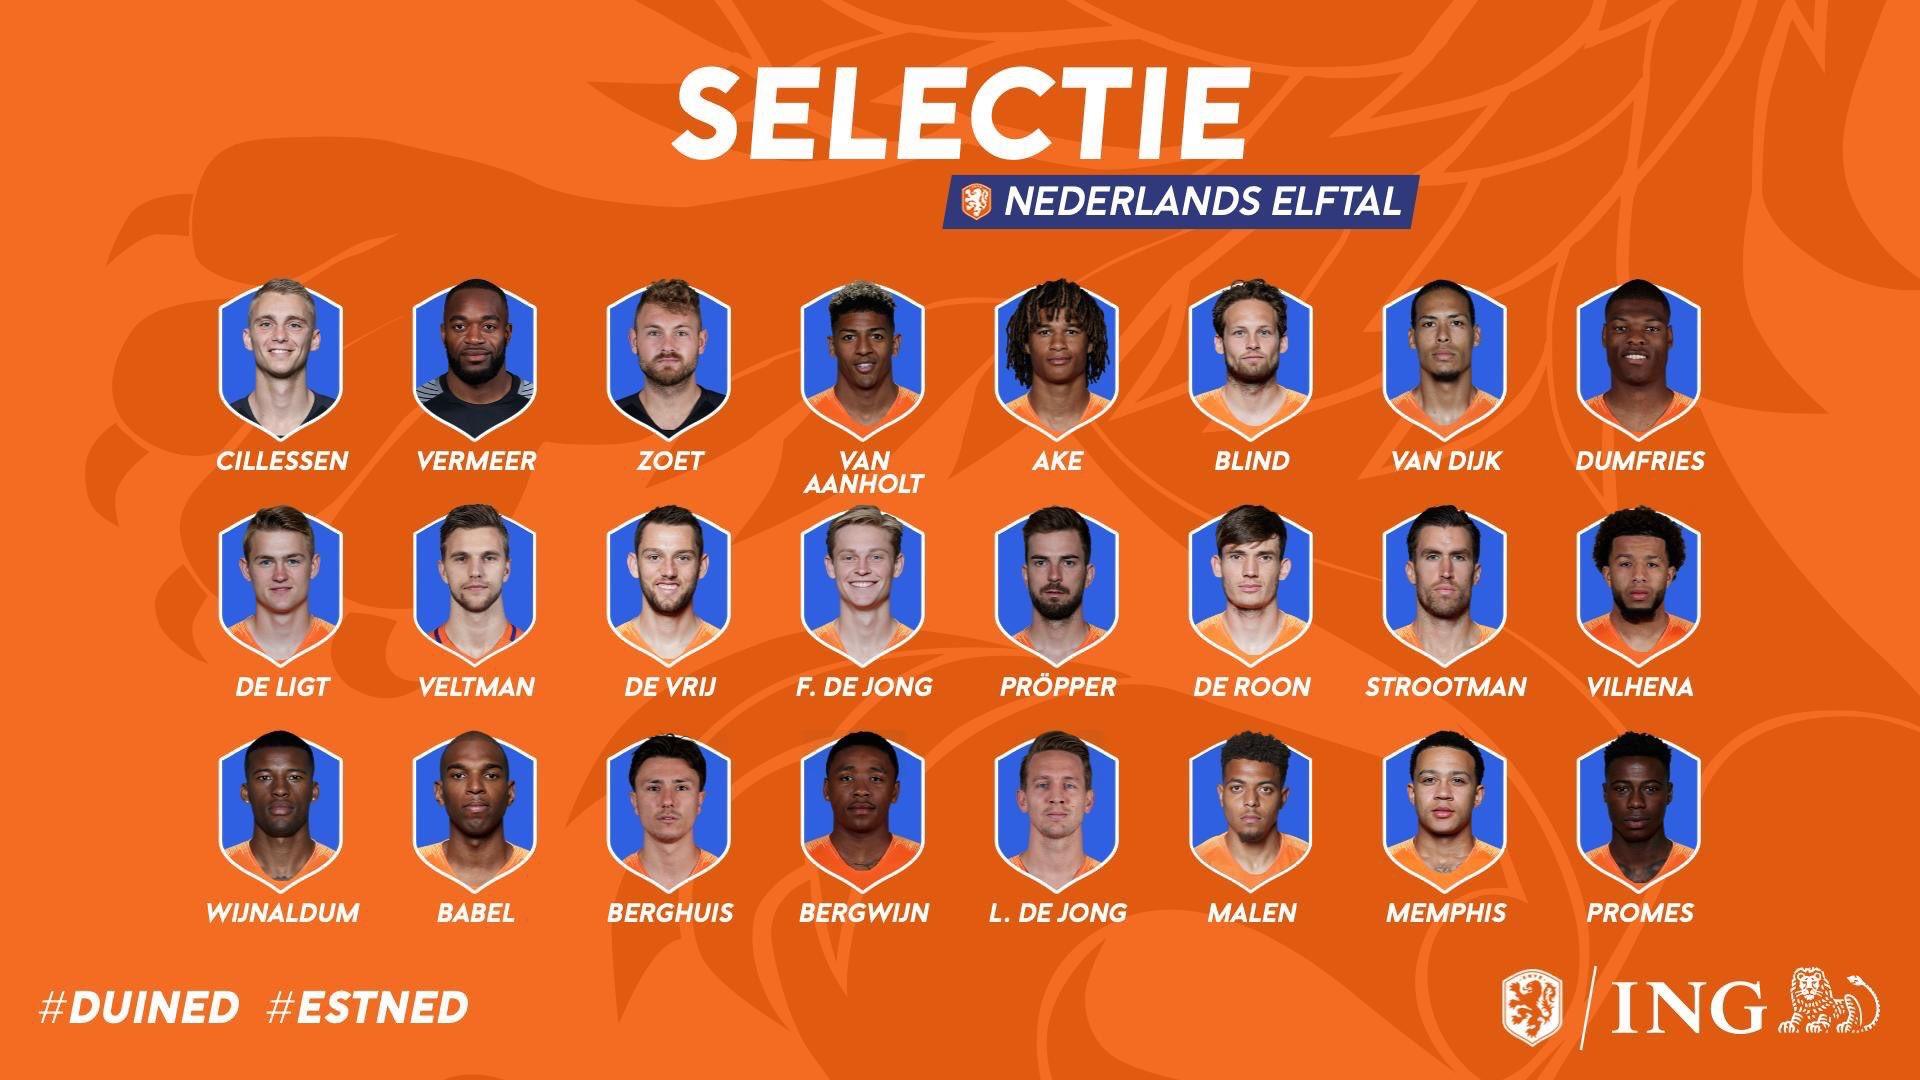 荷兰大名单:范戴克领衔,孟菲斯、双德入选